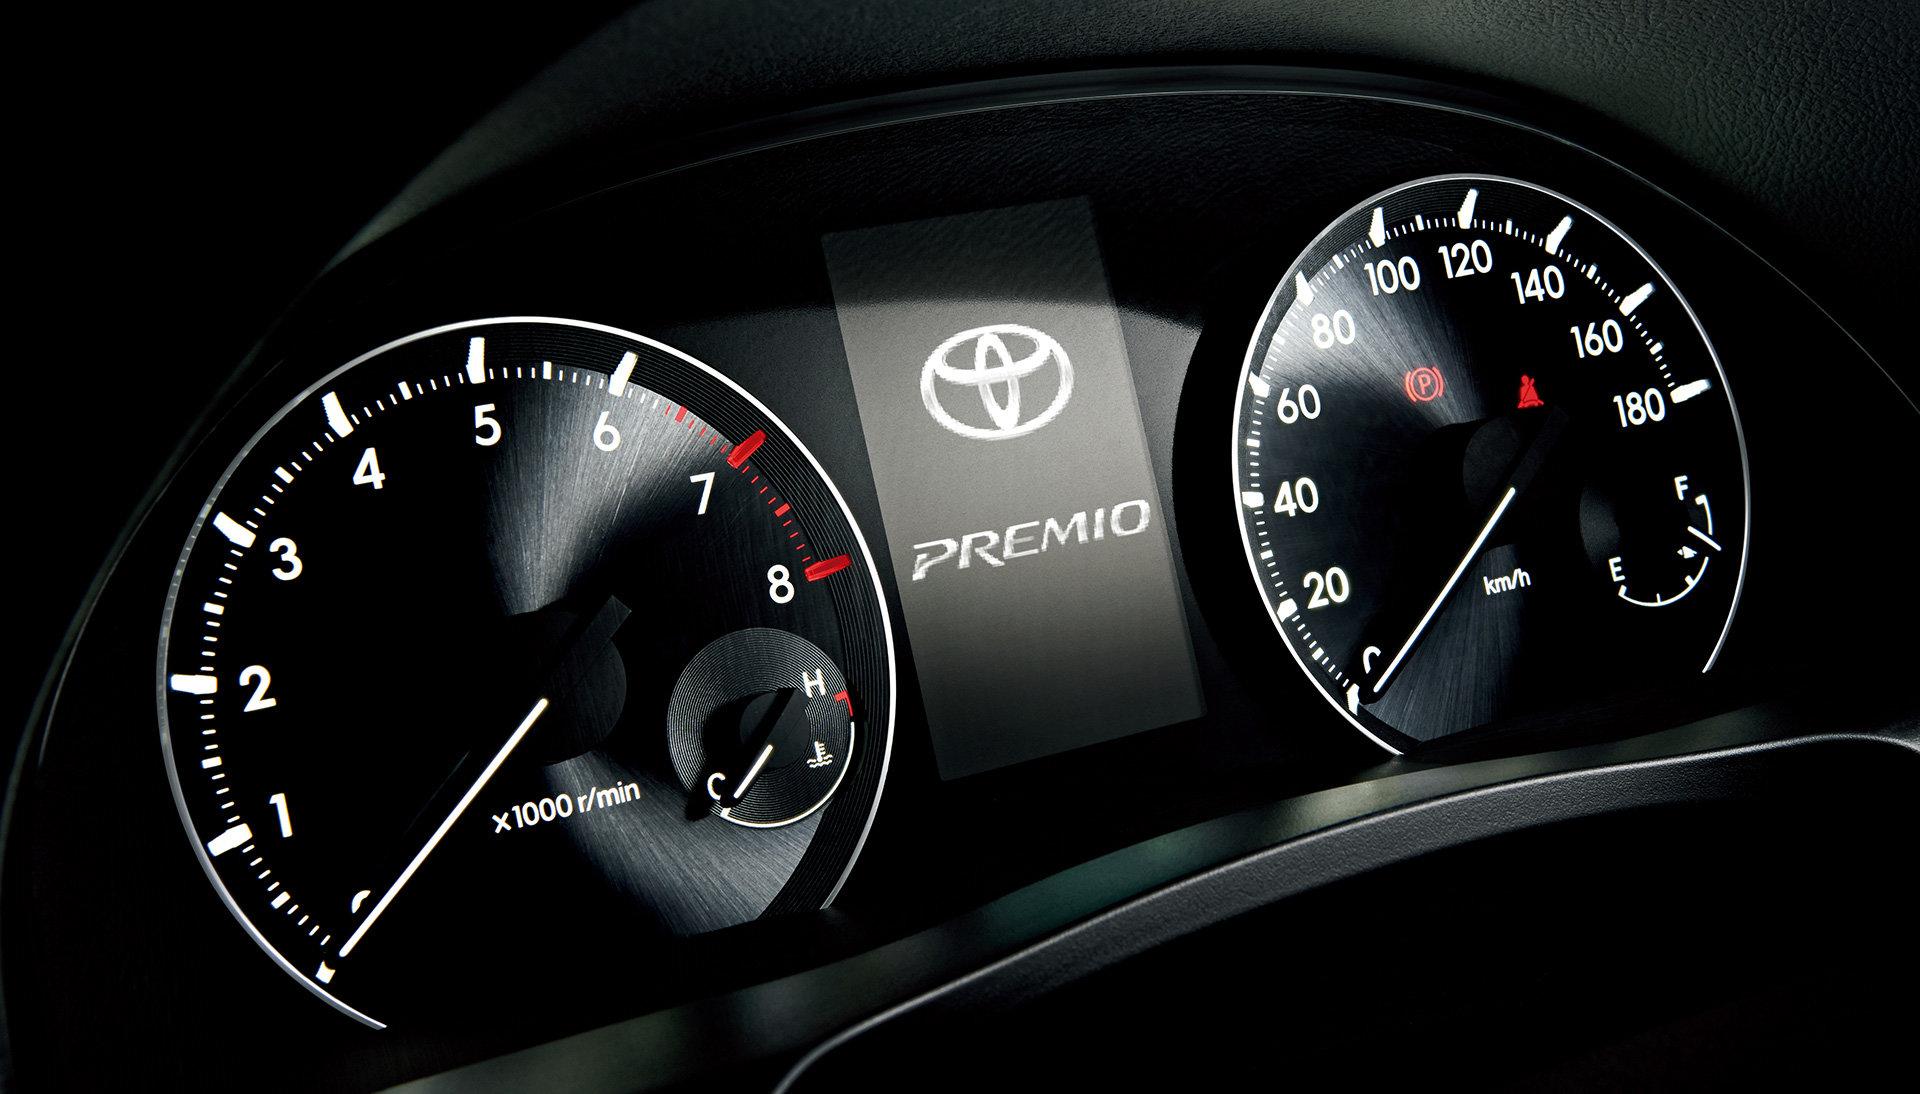 приборная панель Toyota Корона премио #10